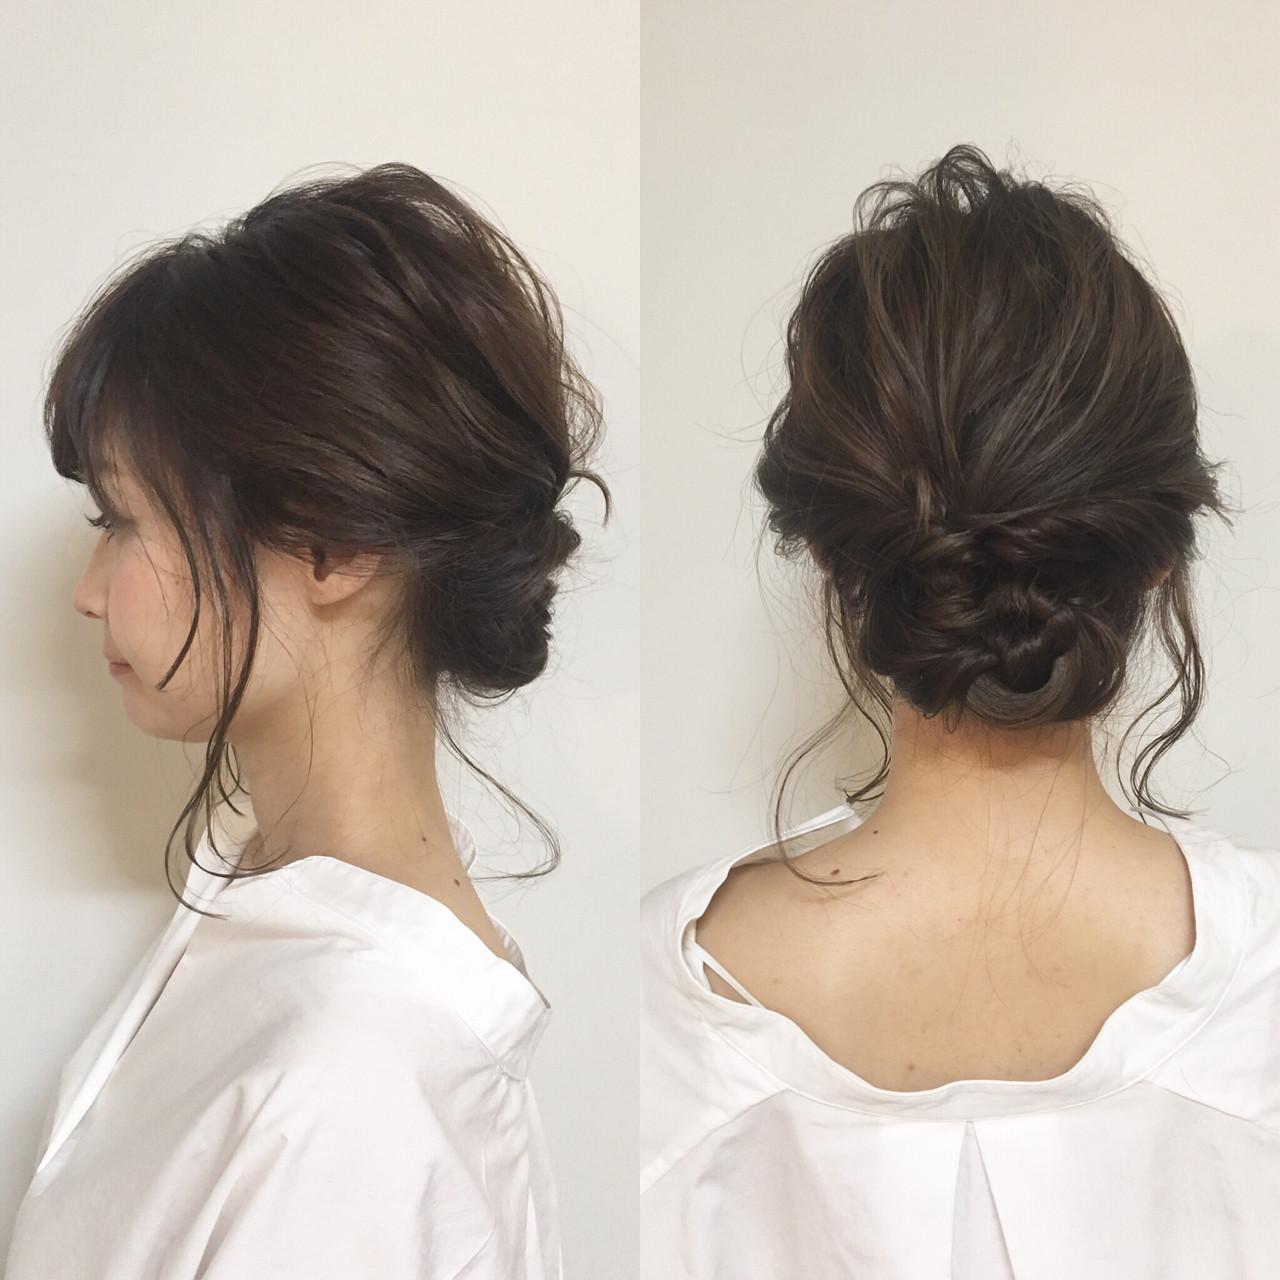 アップスタイル ミディアム ヘアアレンジ 簡単 ヘアスタイルや髪型の写真・画像